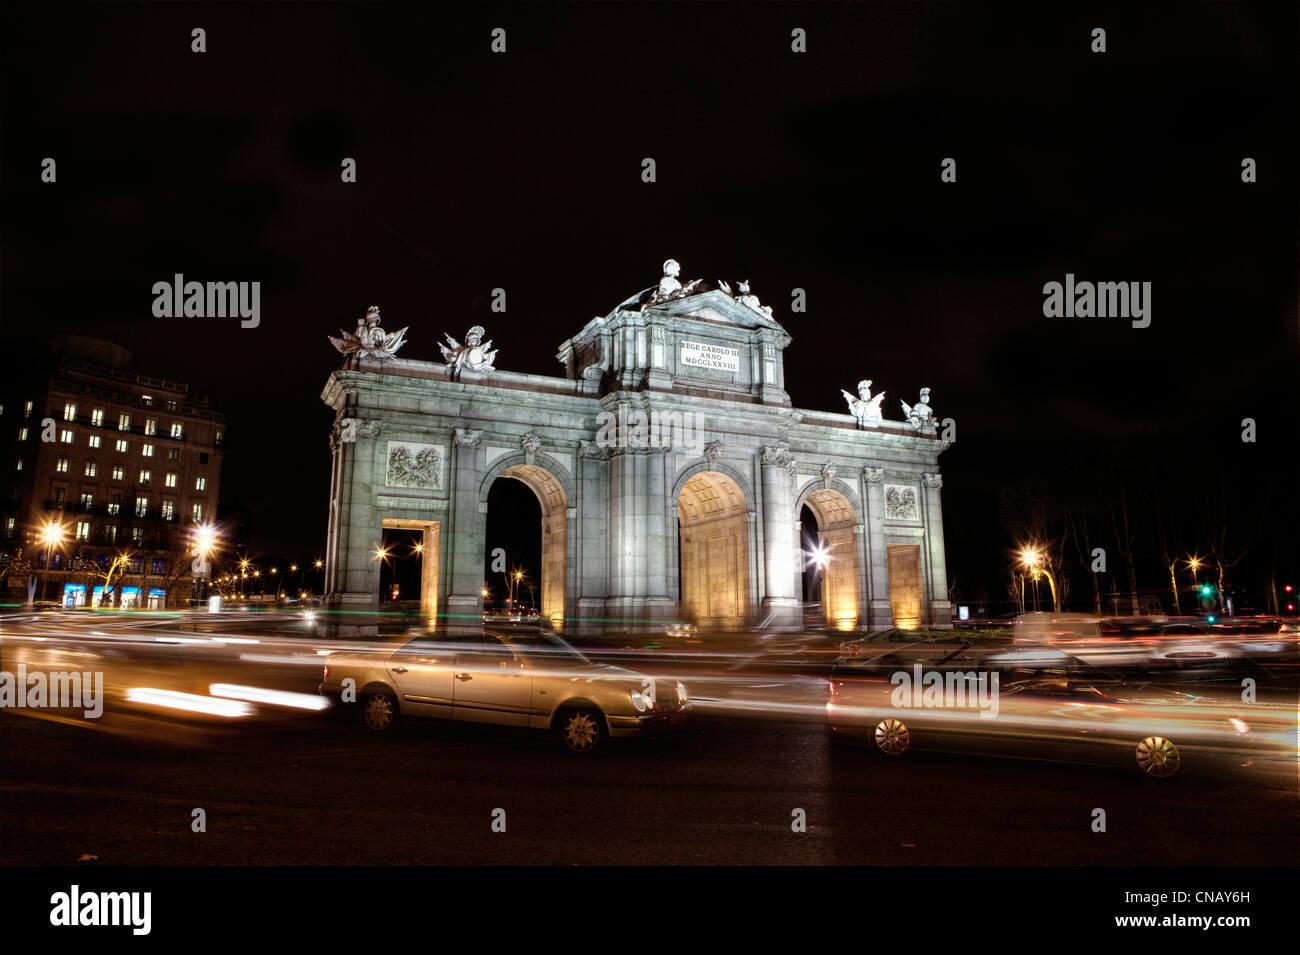 Puerta de Alcala illuminata di notte Immagini Stock